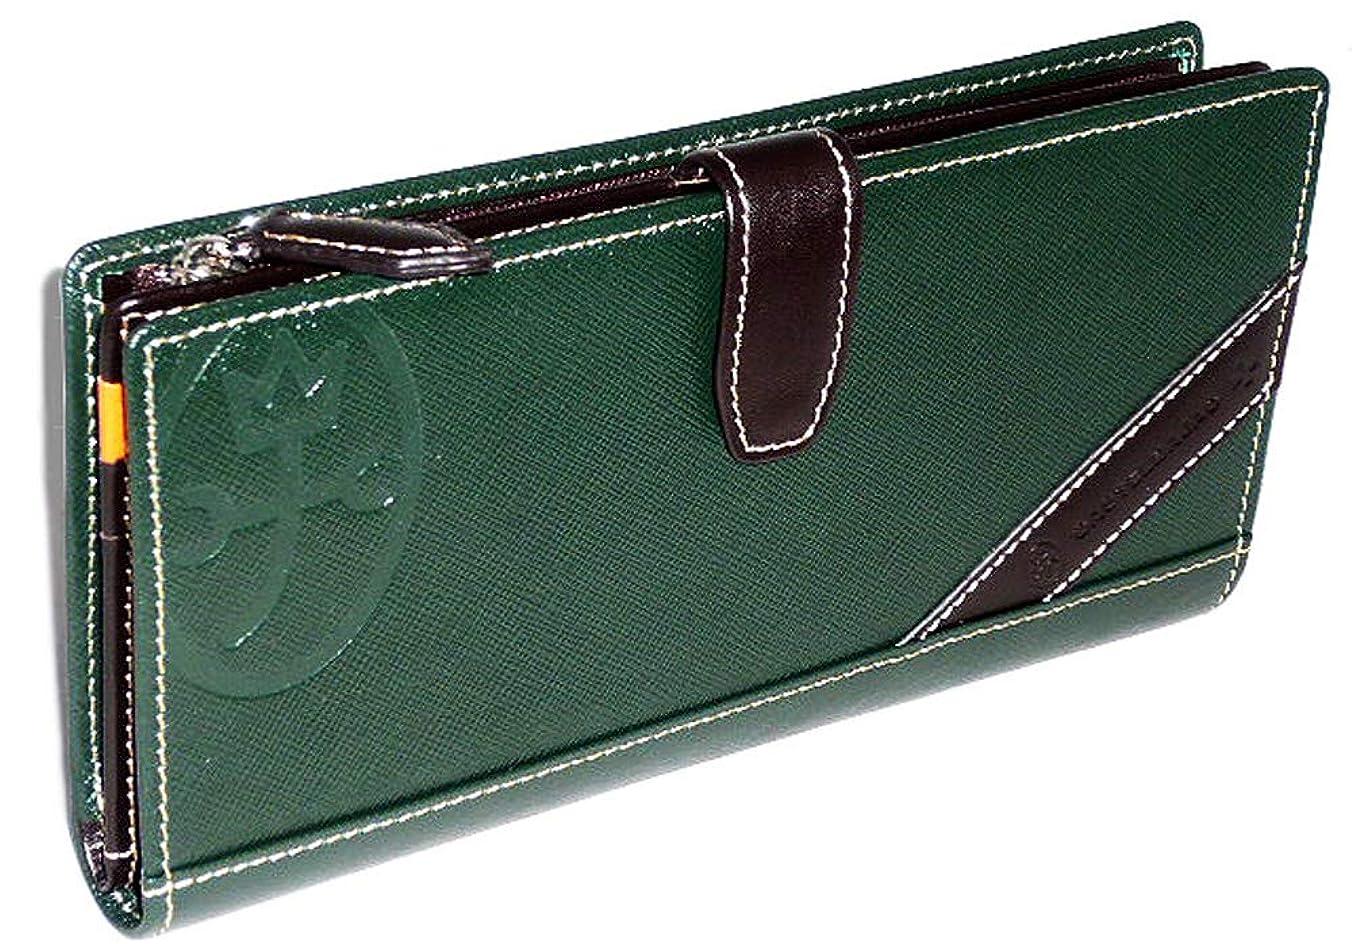 団結するポール誇張するva-71612_ike CASTELBAJAC(カステルバジャック) 71612 ドロワット小物シリーズ 小銭入れ付 財布 サイフ ウォレット メンズ 男性用 レザー No.71612 05 Green(グリーン)